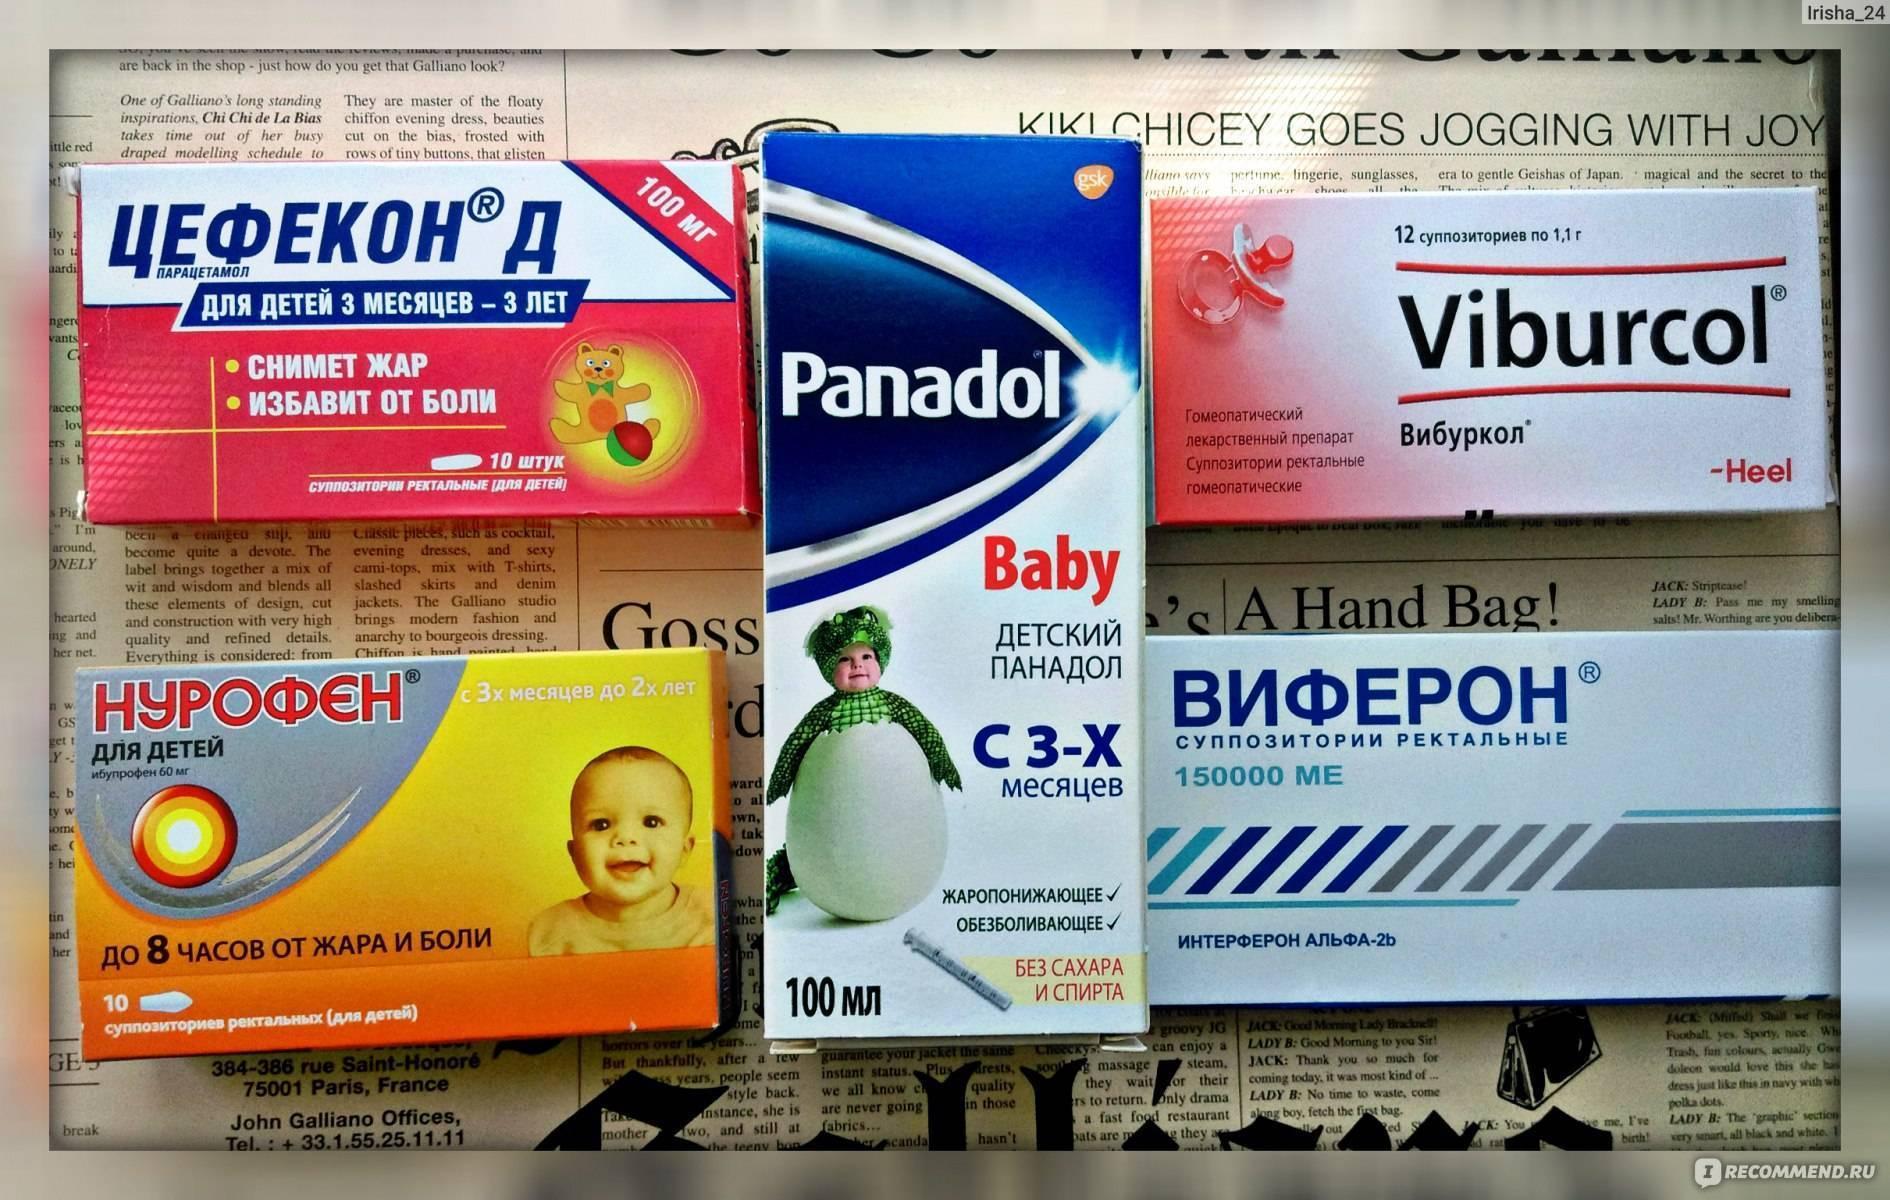 Свечи от температуры: препараты для детей, новорожденных и грудничков до года, ректальные жаропонижающие для взрослых